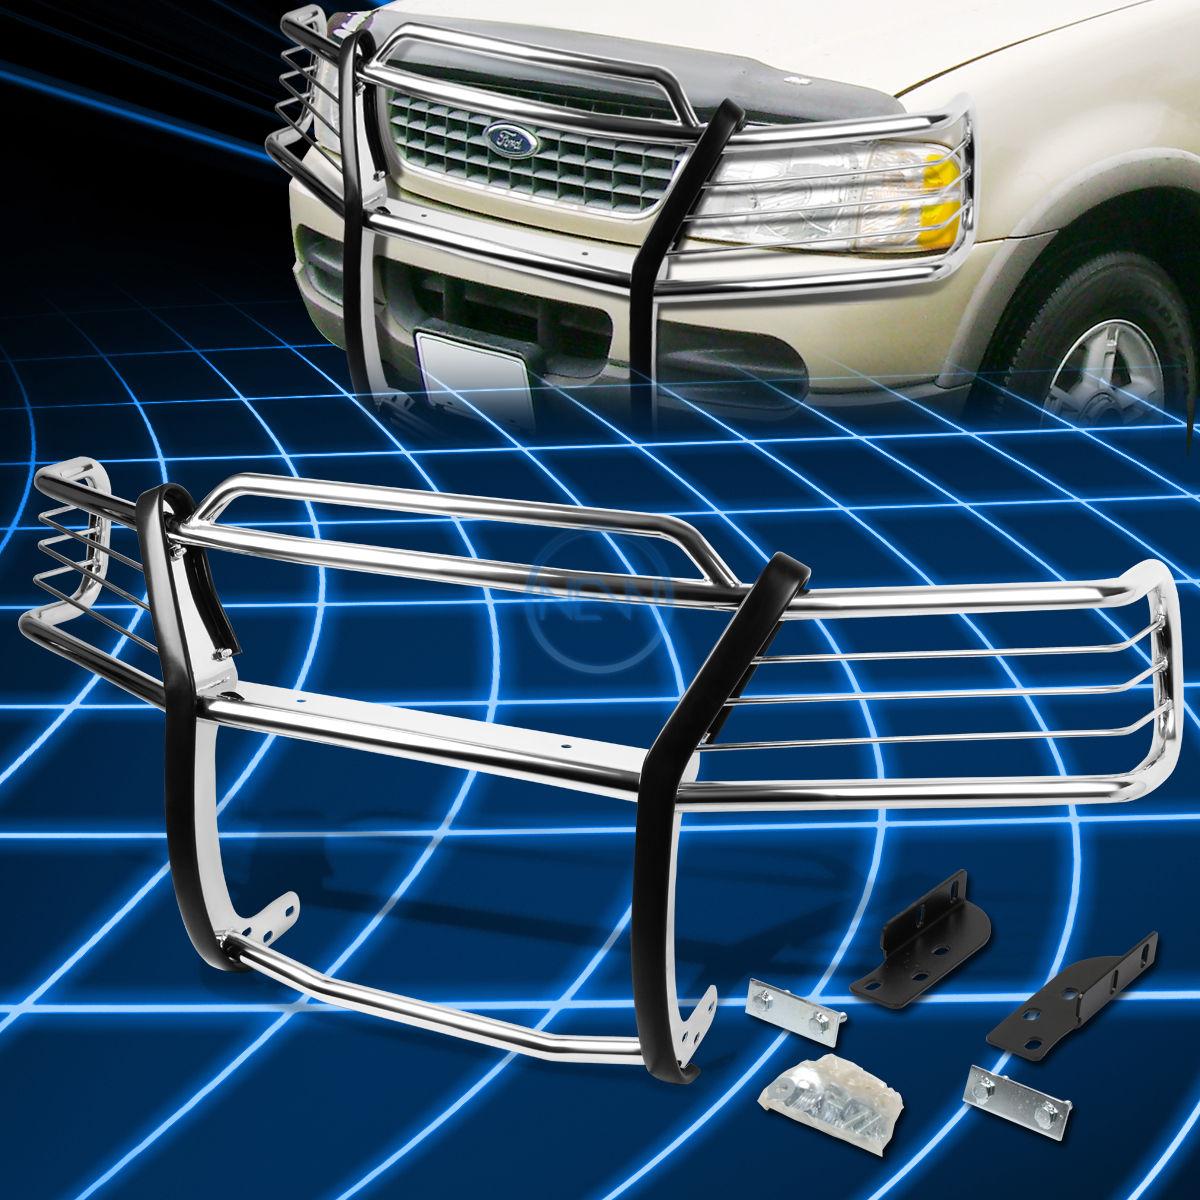 グリル クロームブラシバンパープロテクターグリルガード2002-2005フォードエクスプローラー4ドア Chrome Brush Bumper Protector Grille Guard for 2002-2005 Ford Explorer 4-Door